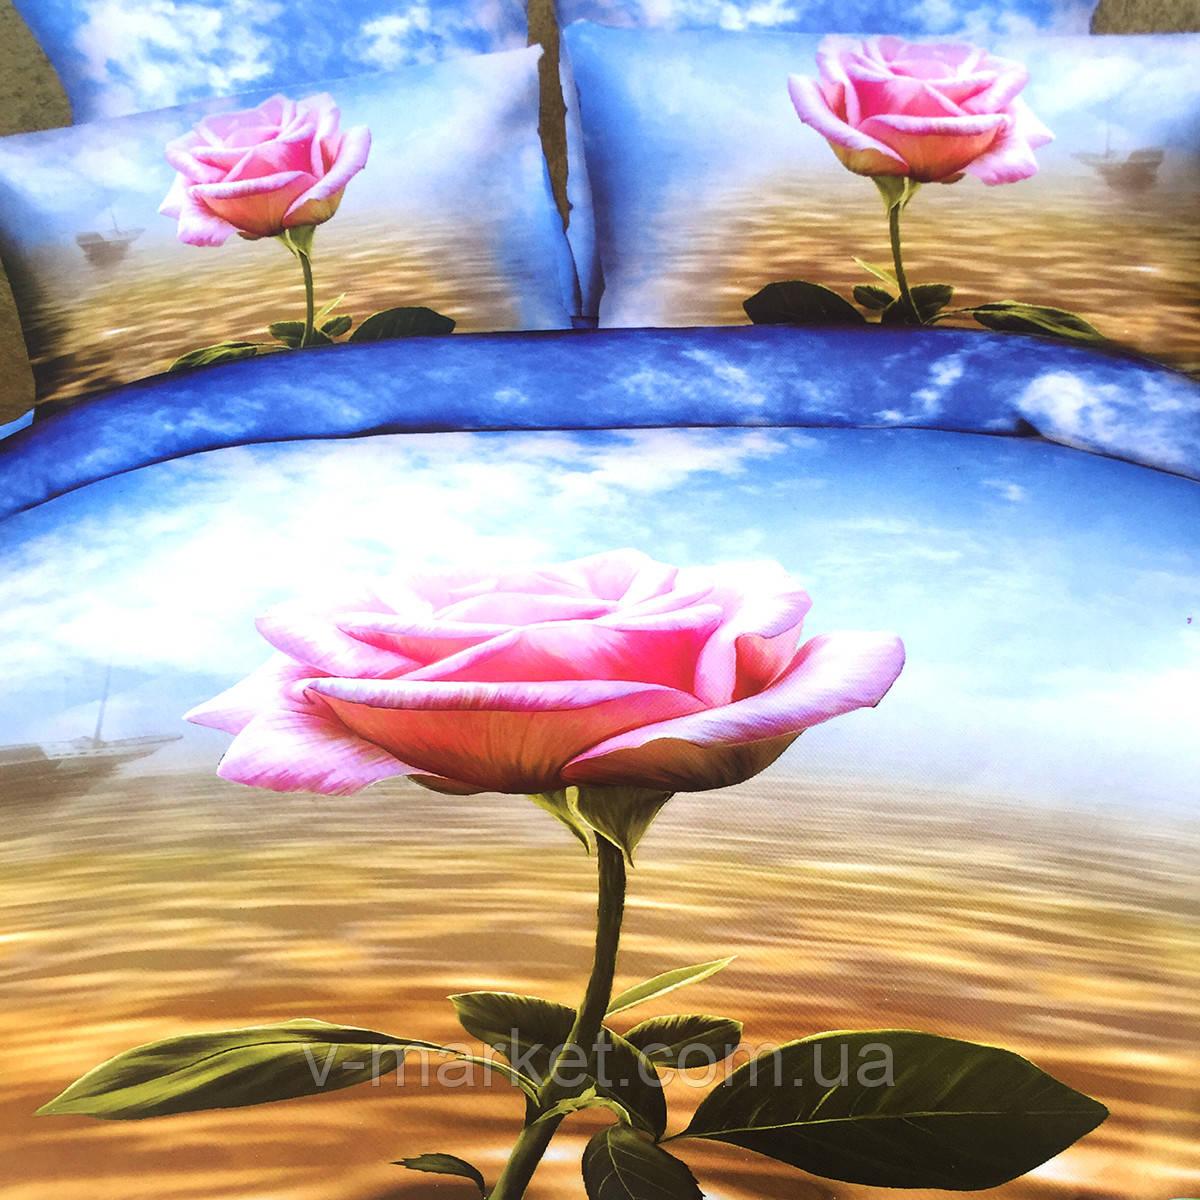 """""""Троянда"""" Євро розмір постільна білизна 3D ELWAY (Польща), 200/220 см, 4 наволочки, тканина сатин (100% бавовна)."""